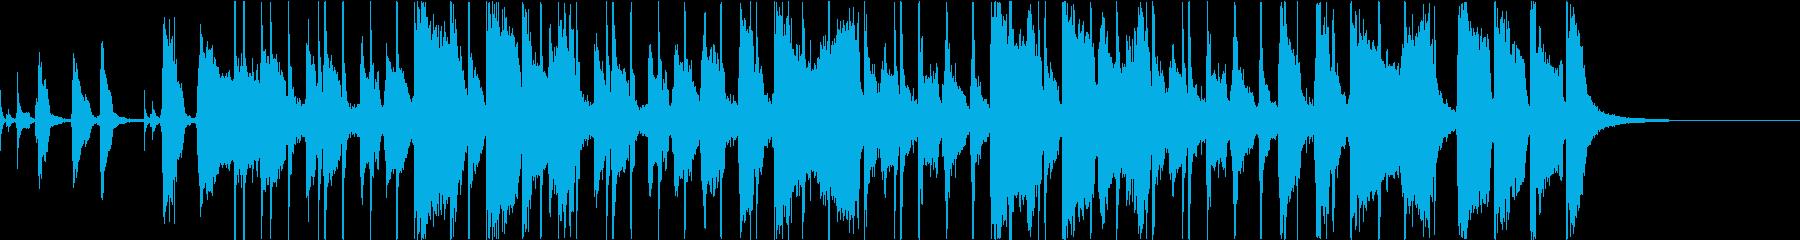 ブラス・カッティング、キレのあるファンクの再生済みの波形